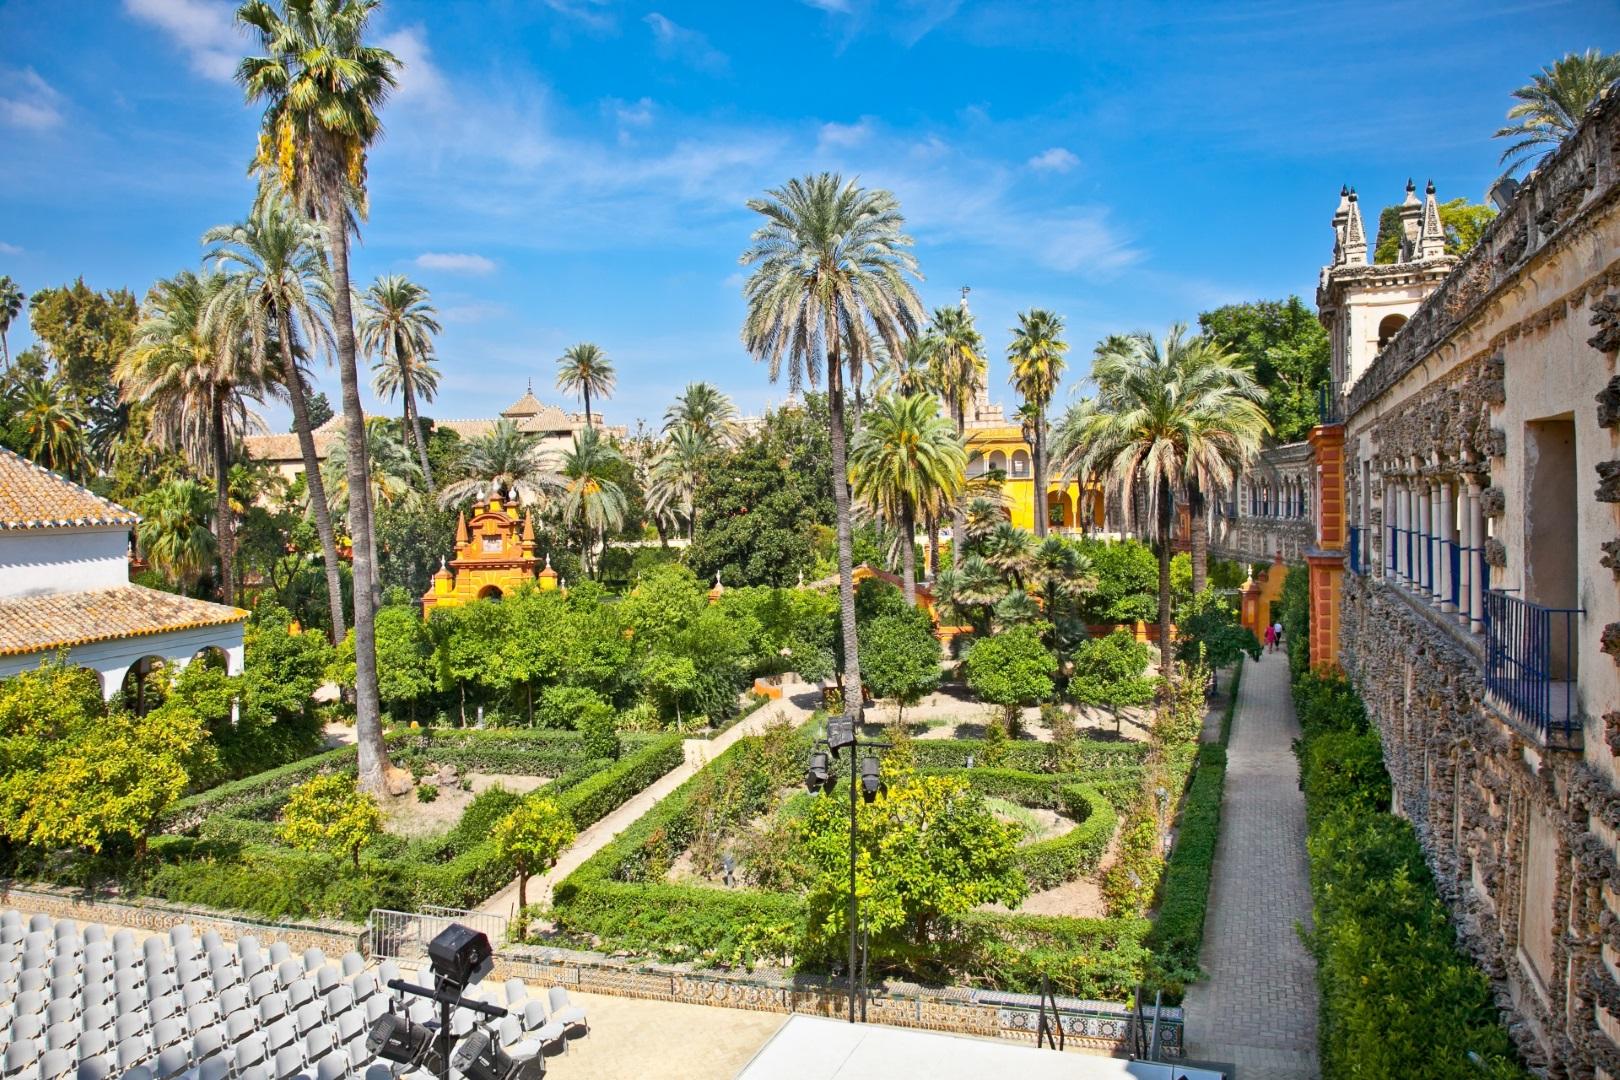 Die Gärten des Königspalastes Alcázar in Sevilla.